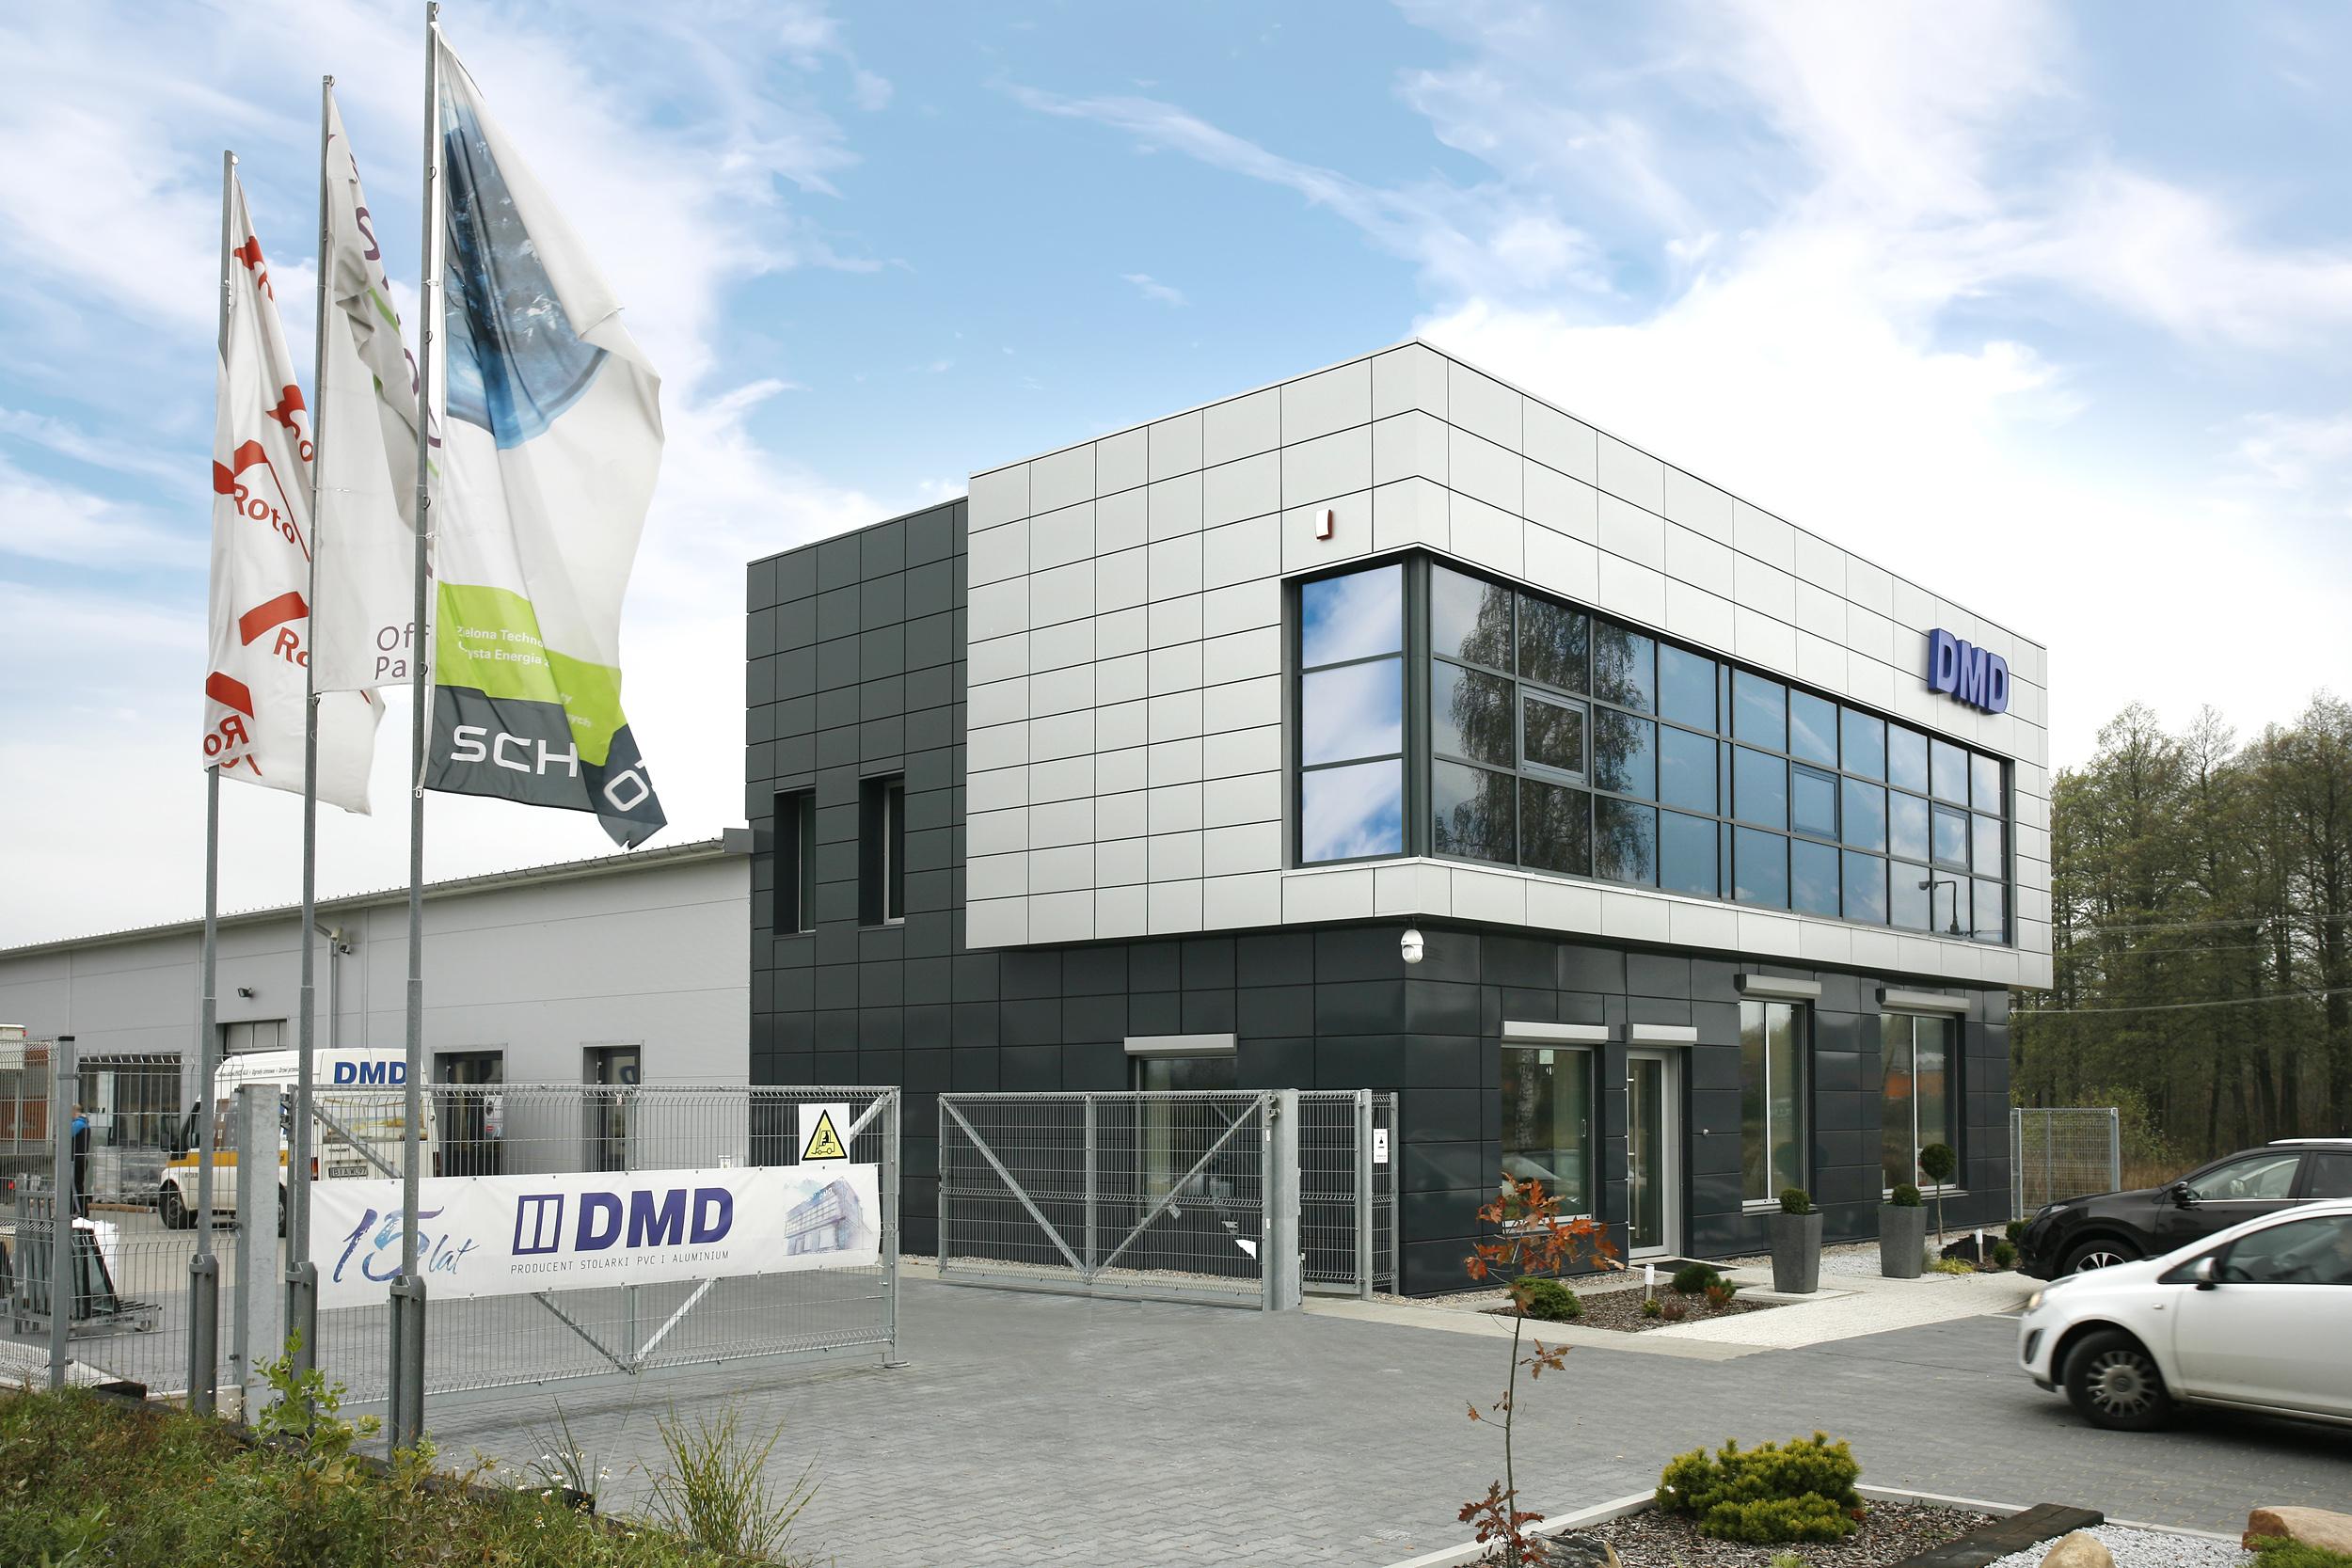 Siedziba firmy DMD